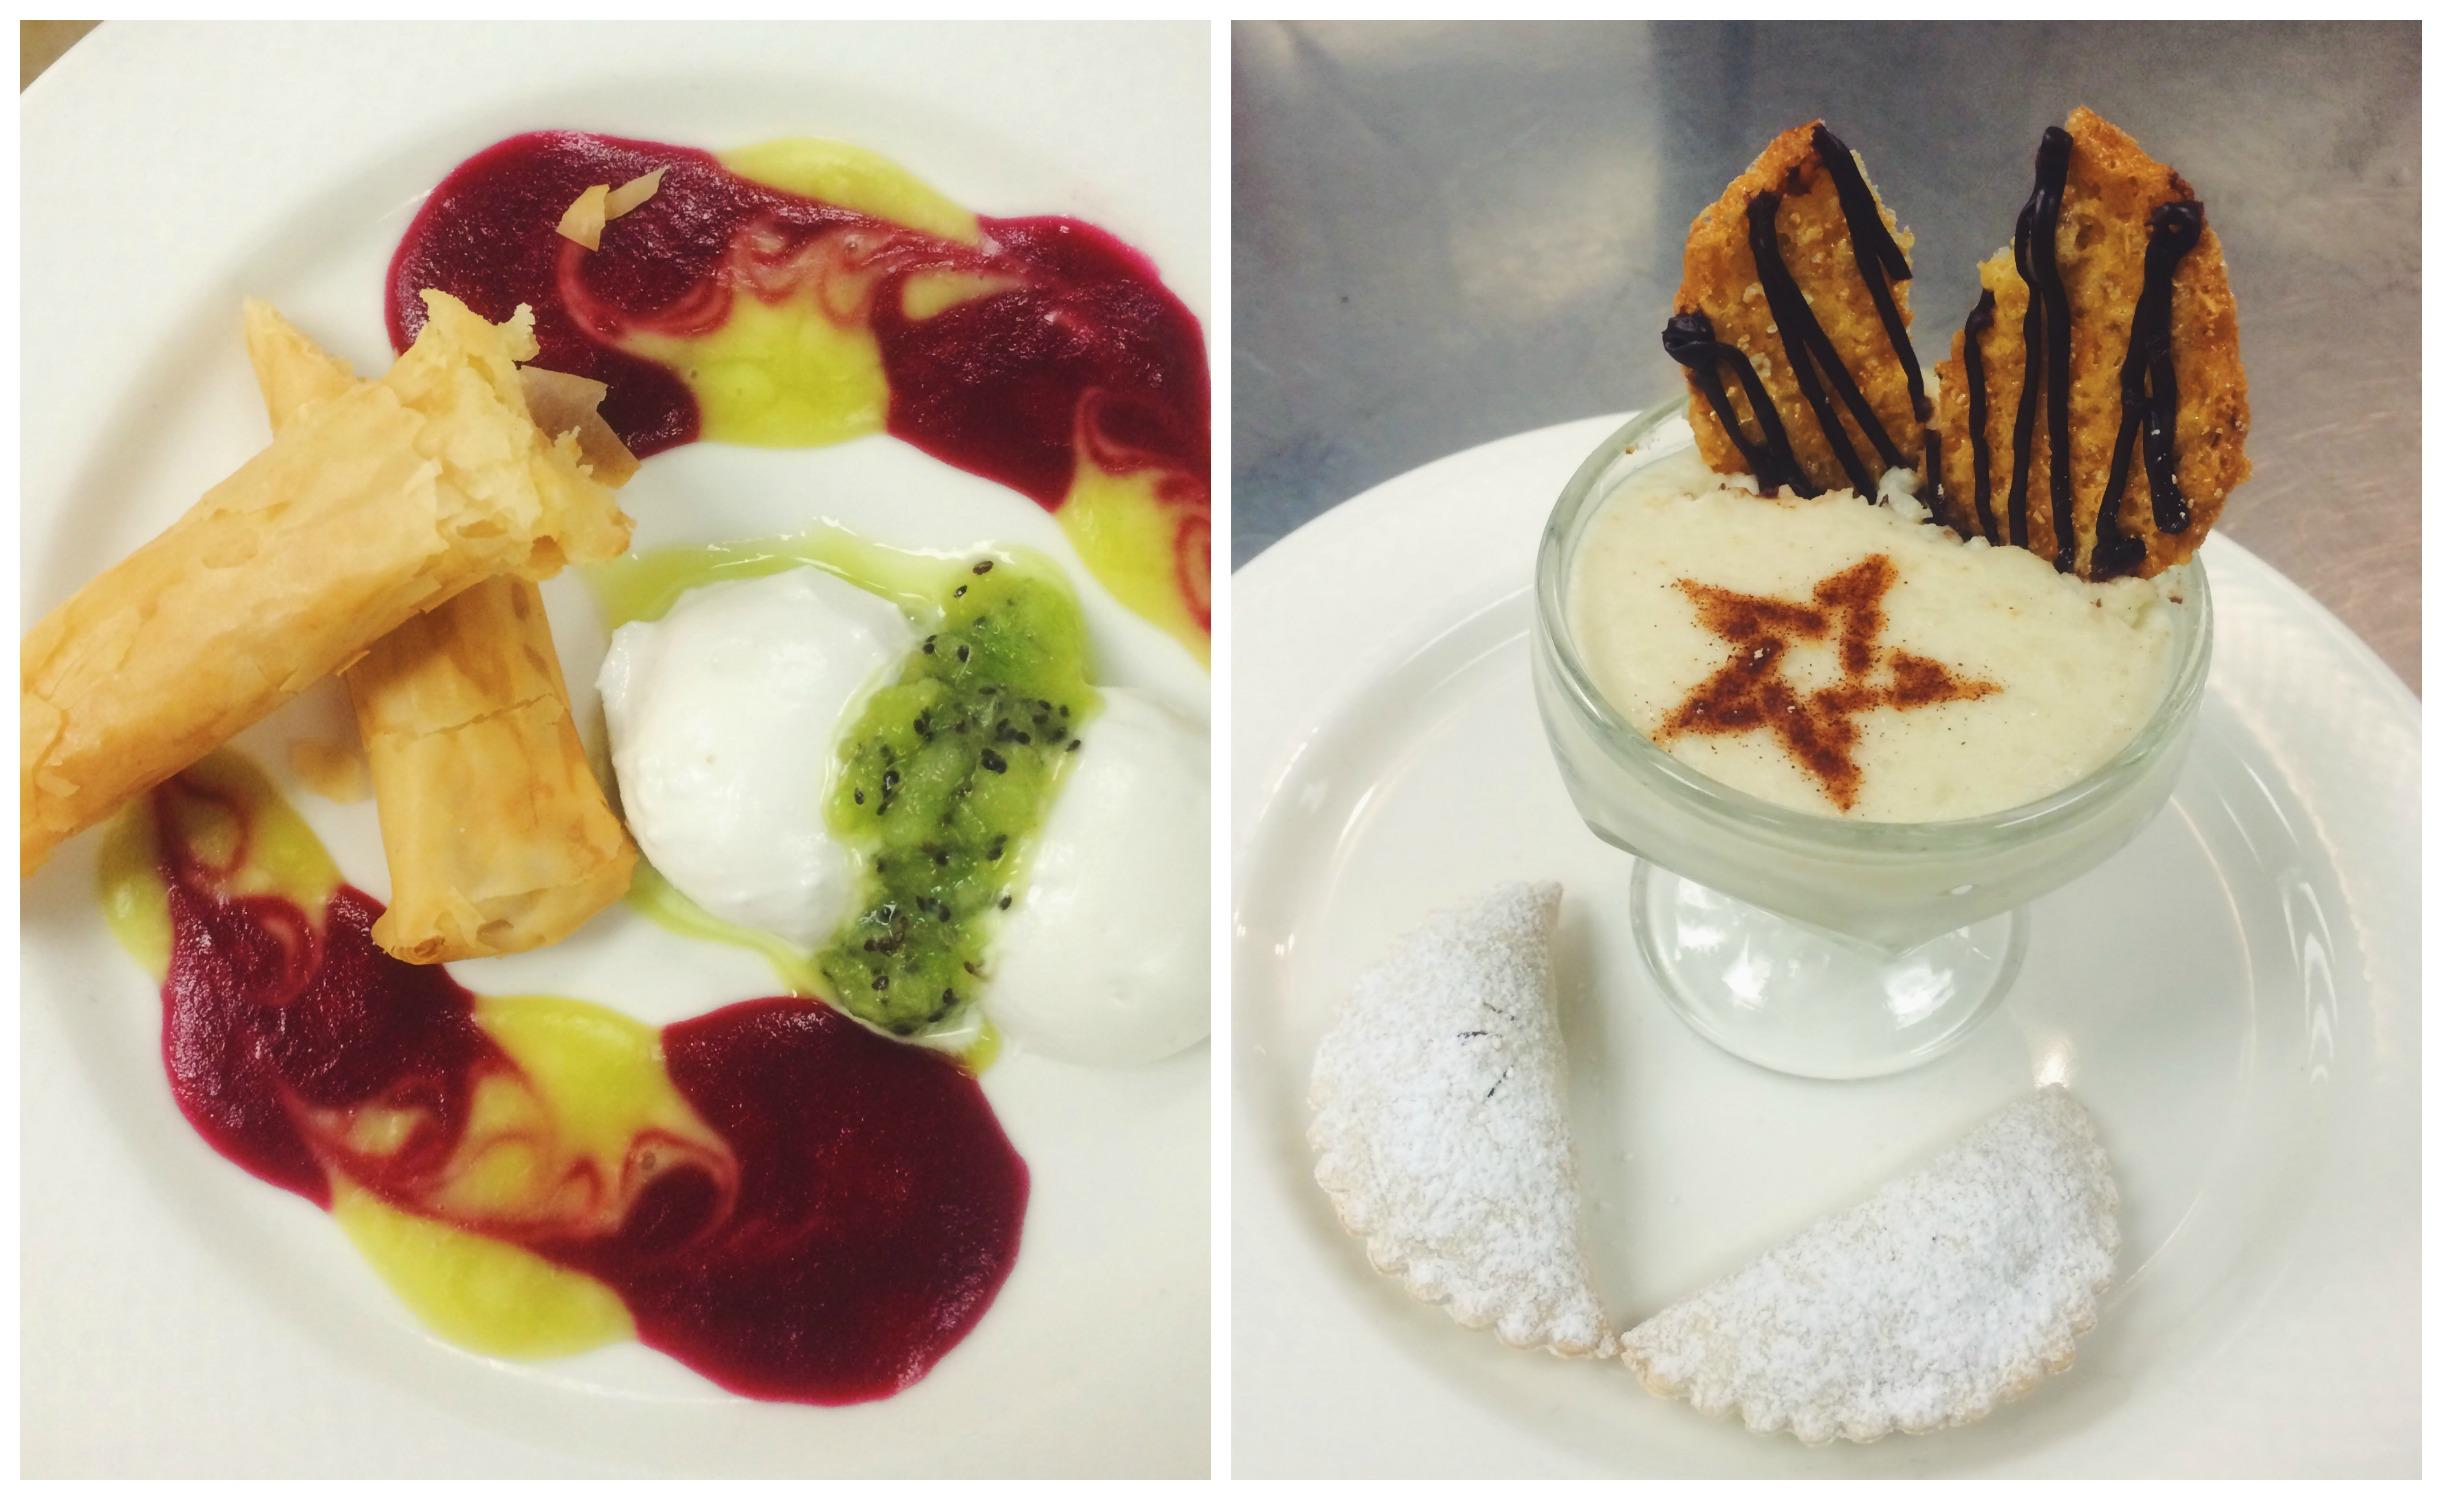 Morocco: The Desserts